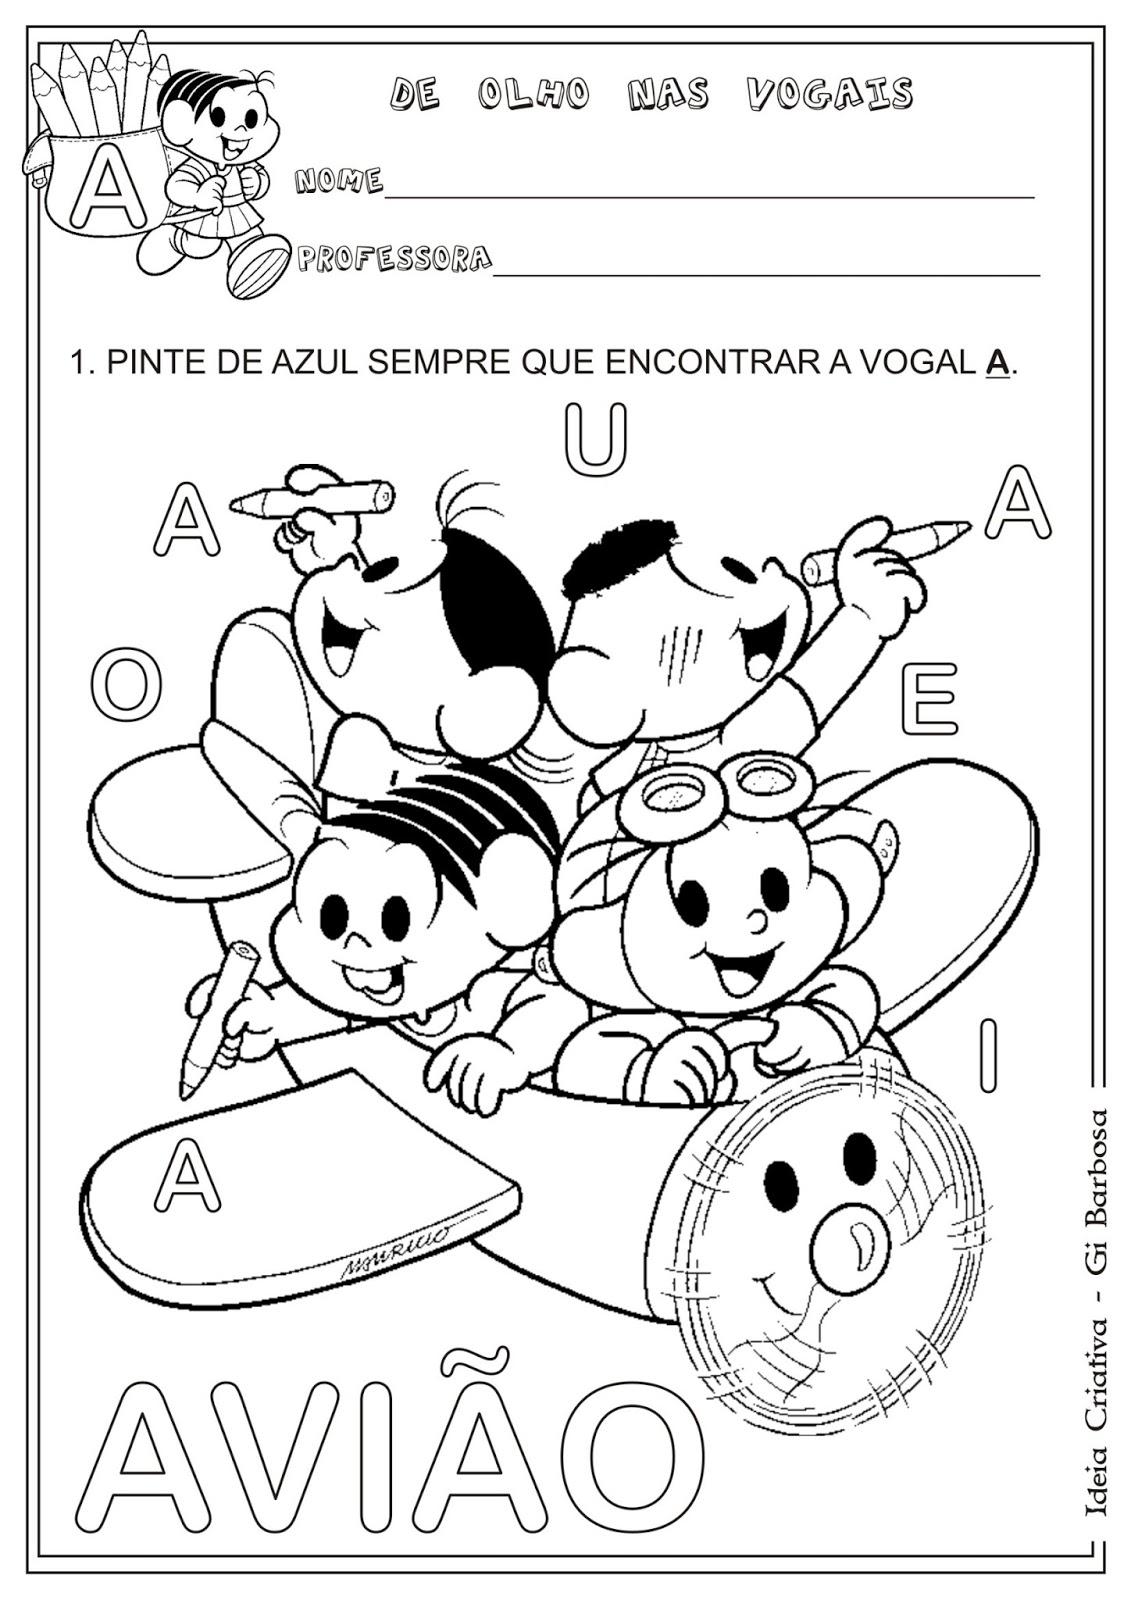 Populares Atividade Vogal A | Ideia Criativa - Gi Barbosa Educação Infantil ZK72